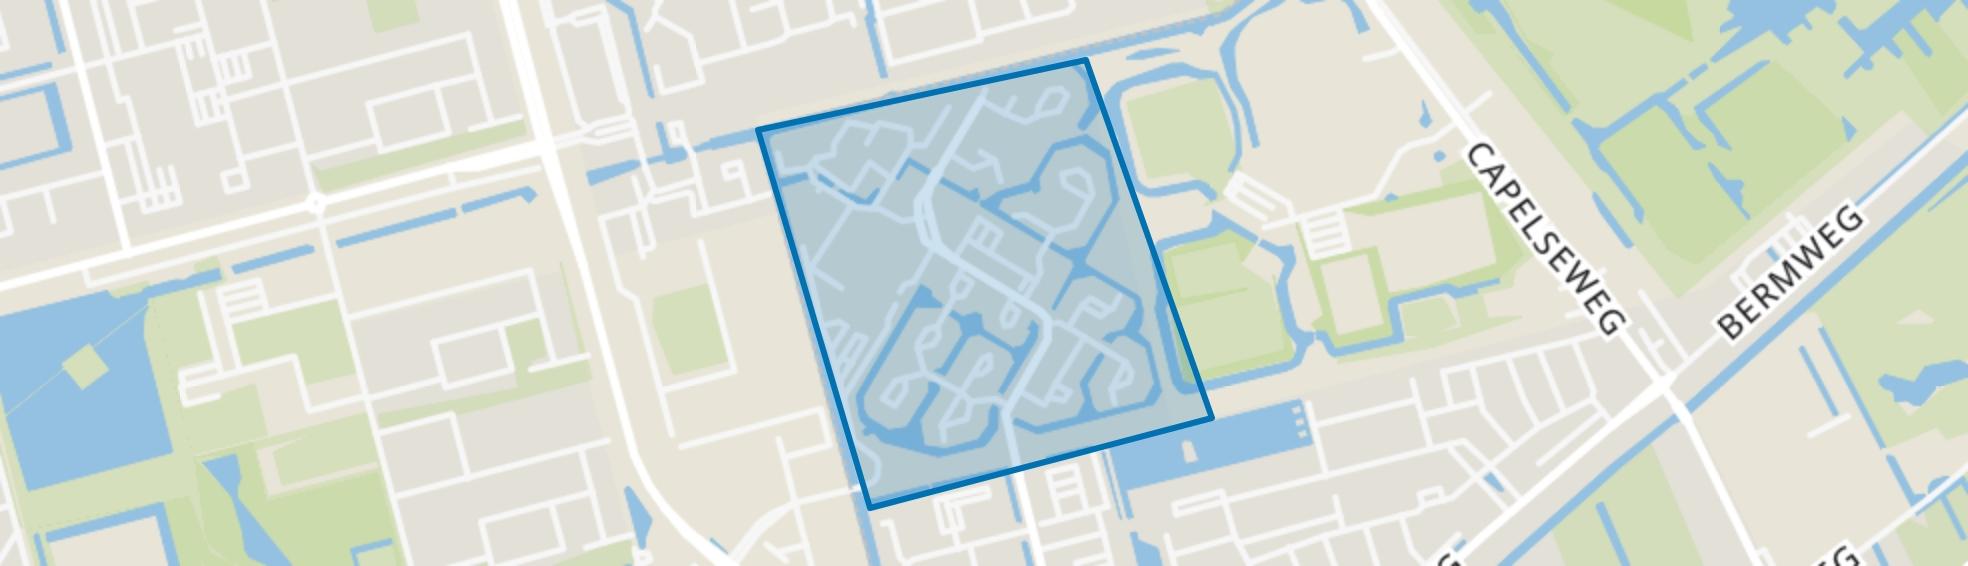 Molenbuurt, Capelle aan den IJssel map